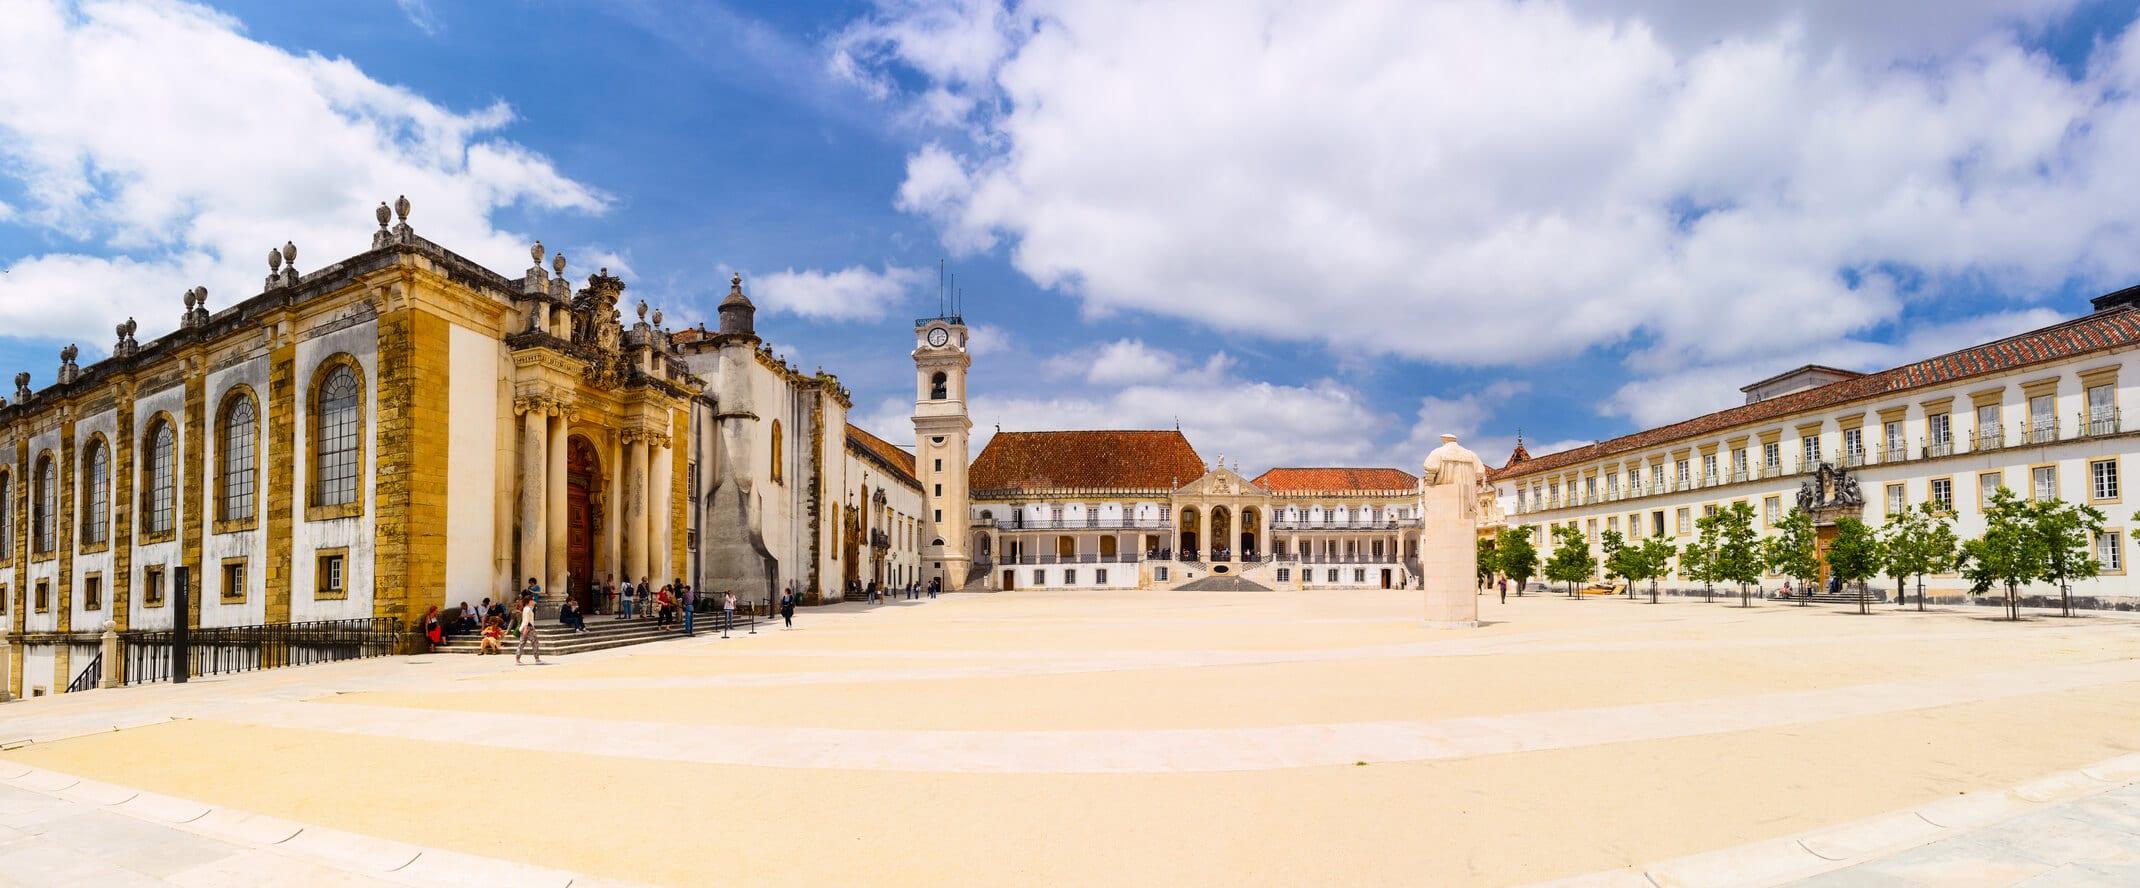 Pátio Universidade Coimbra